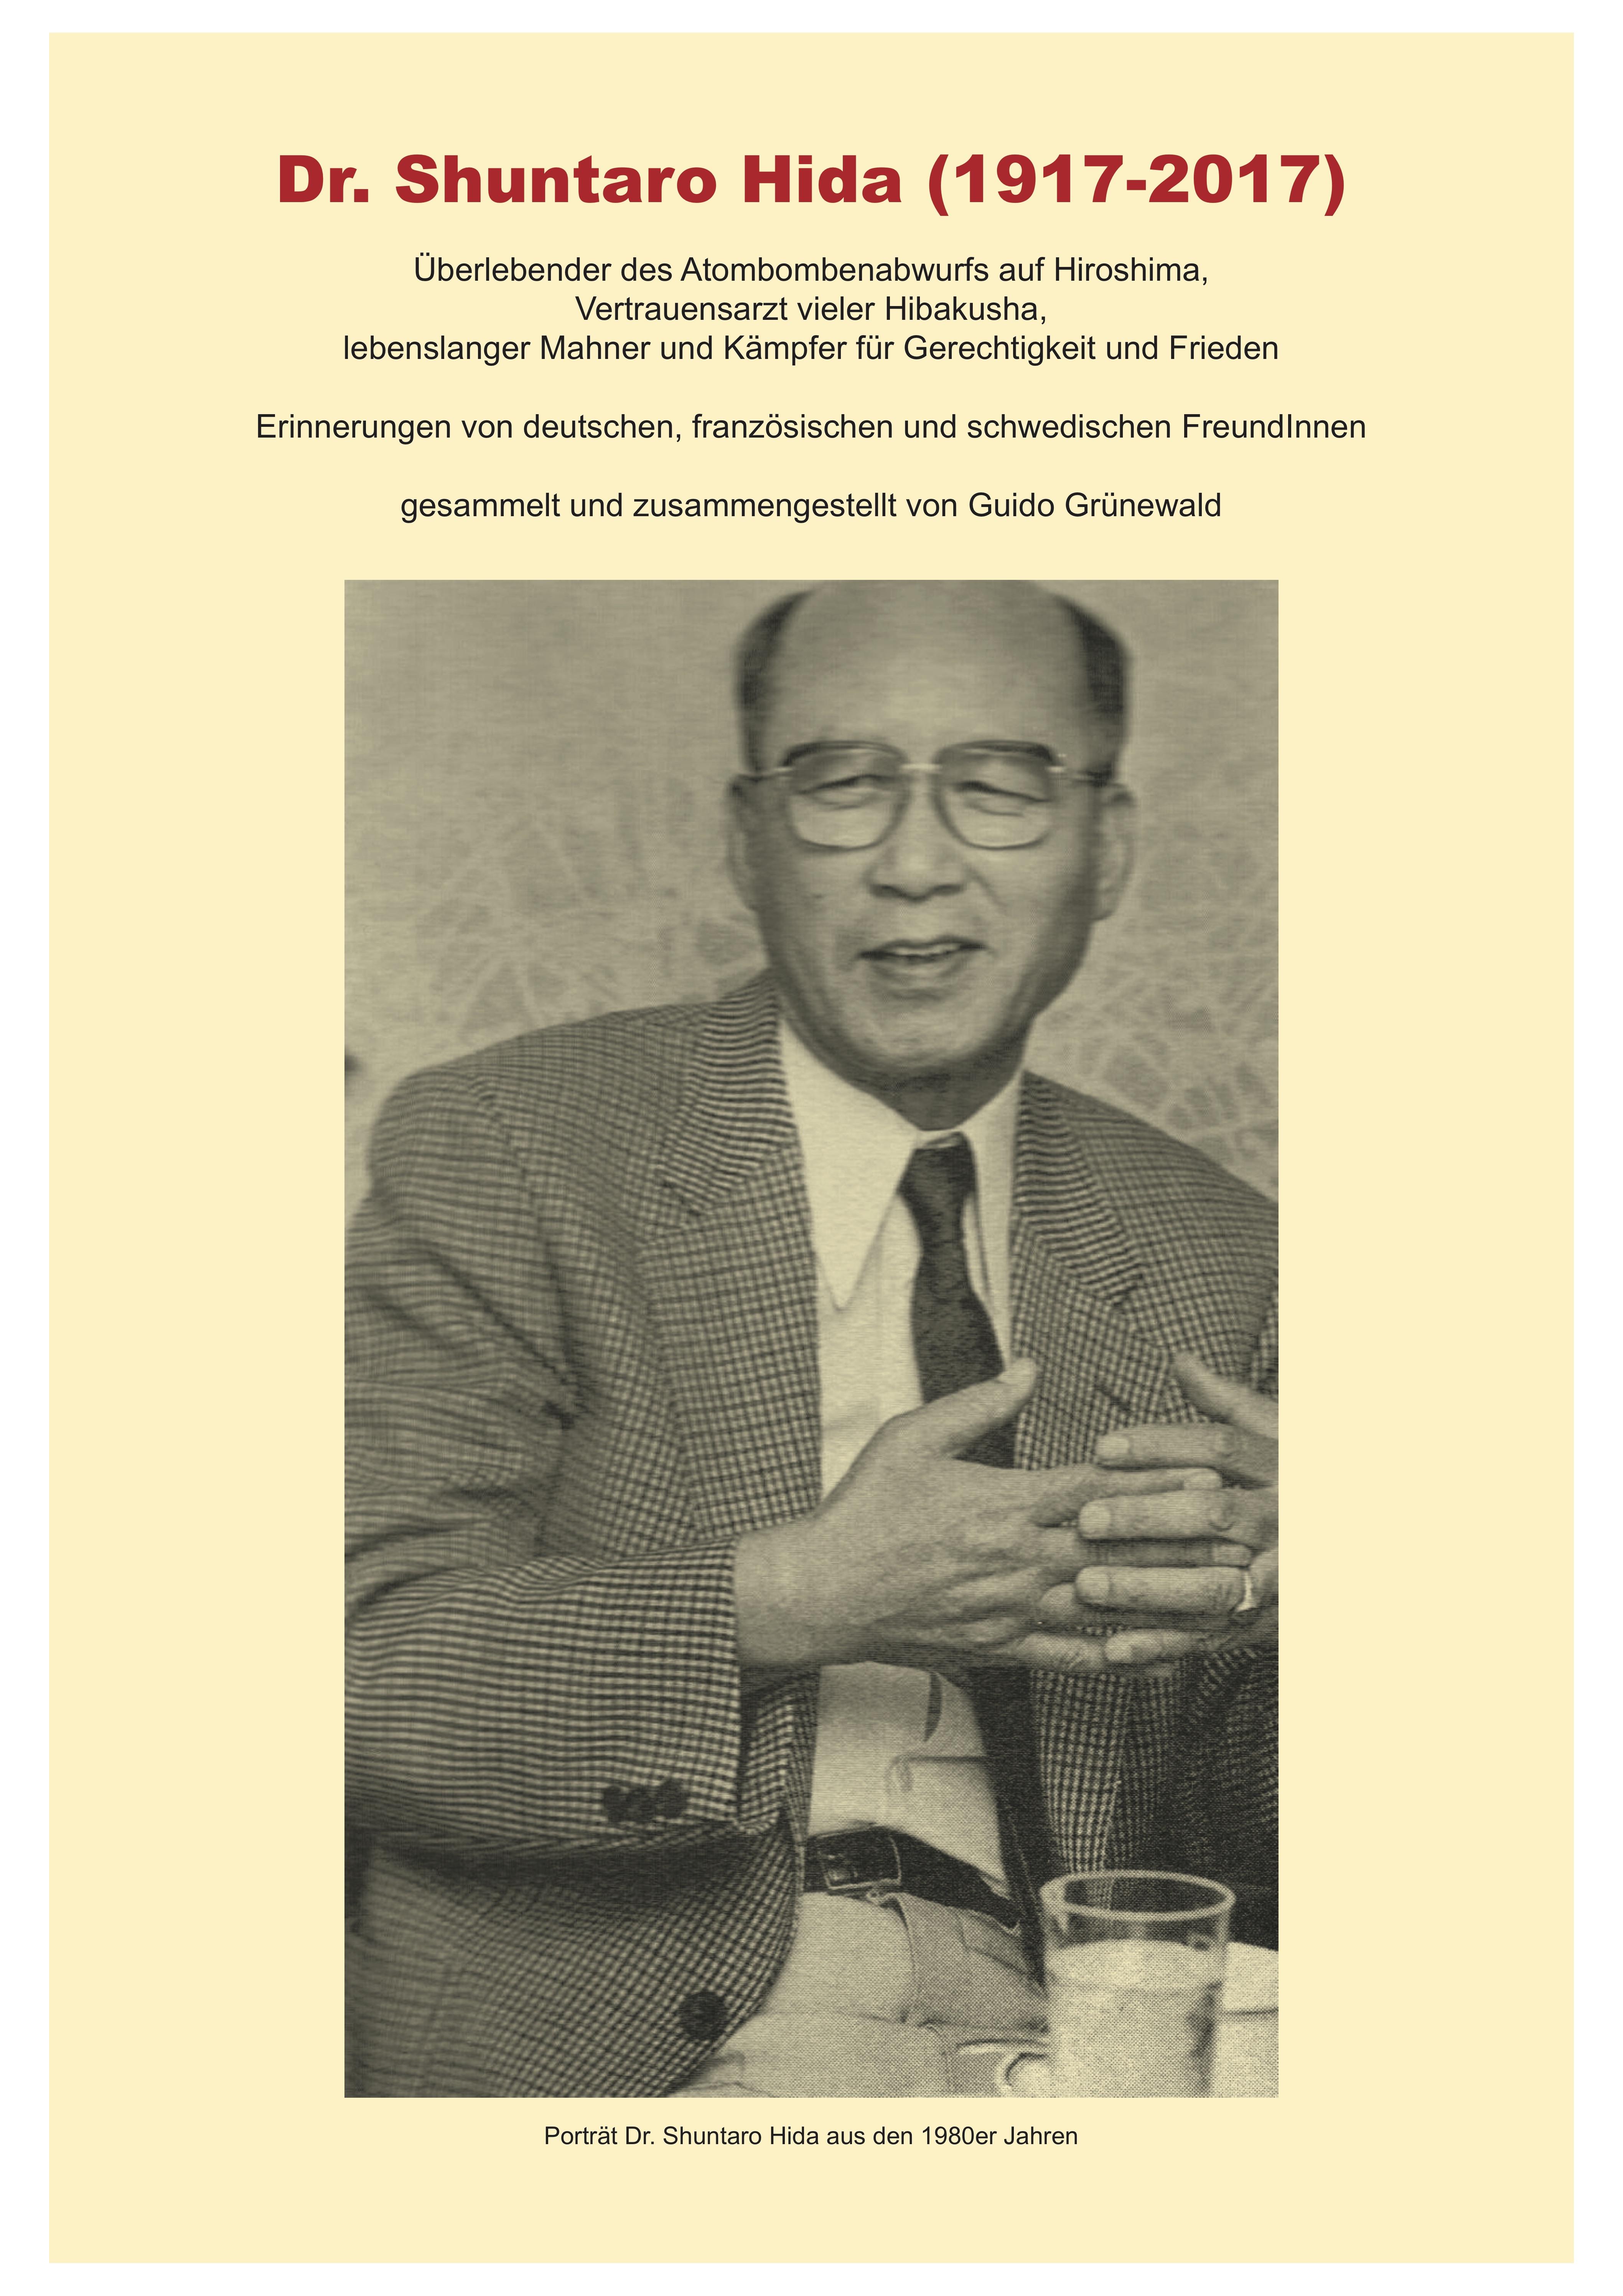 Ein einfaches gelbliches Papier-Cover mit dem Schwarz-weiß-Porträt eines freundlichen asiatisch aussehenden Herrn mit Brille in Anzug und Krawatte